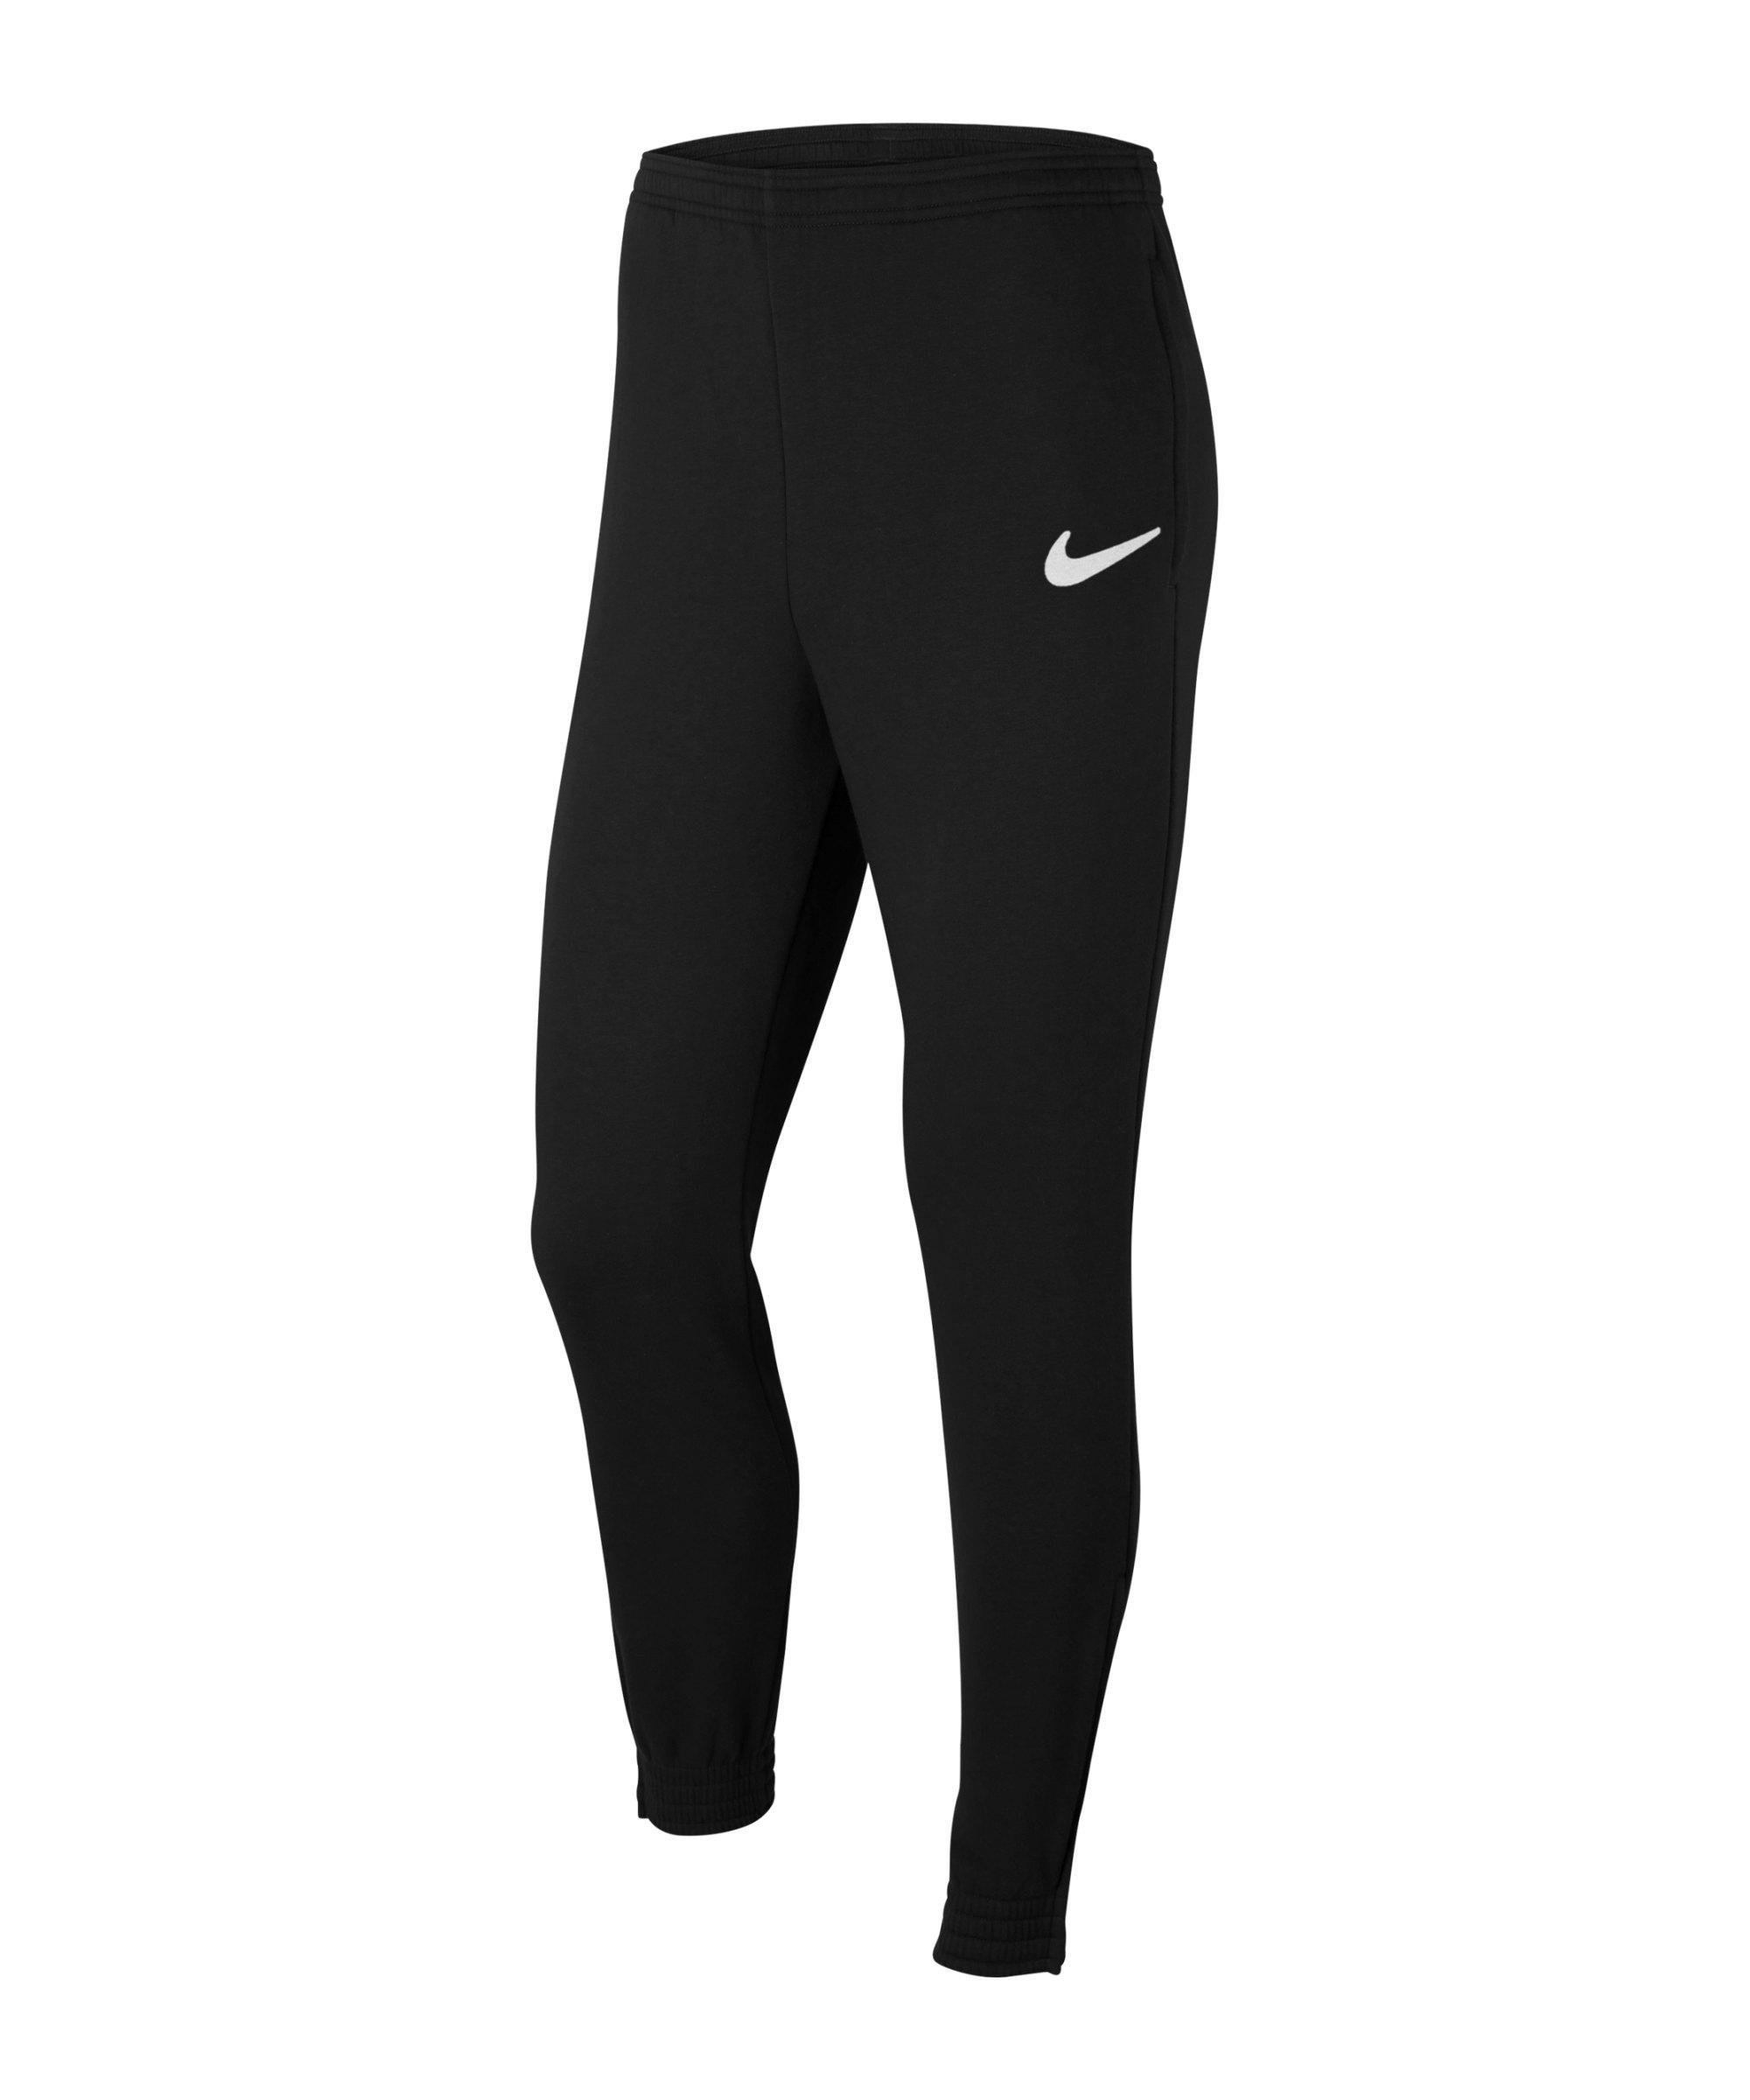 Nike Park 20 Fleece Jogginghose Schwarz F010 - schwarz